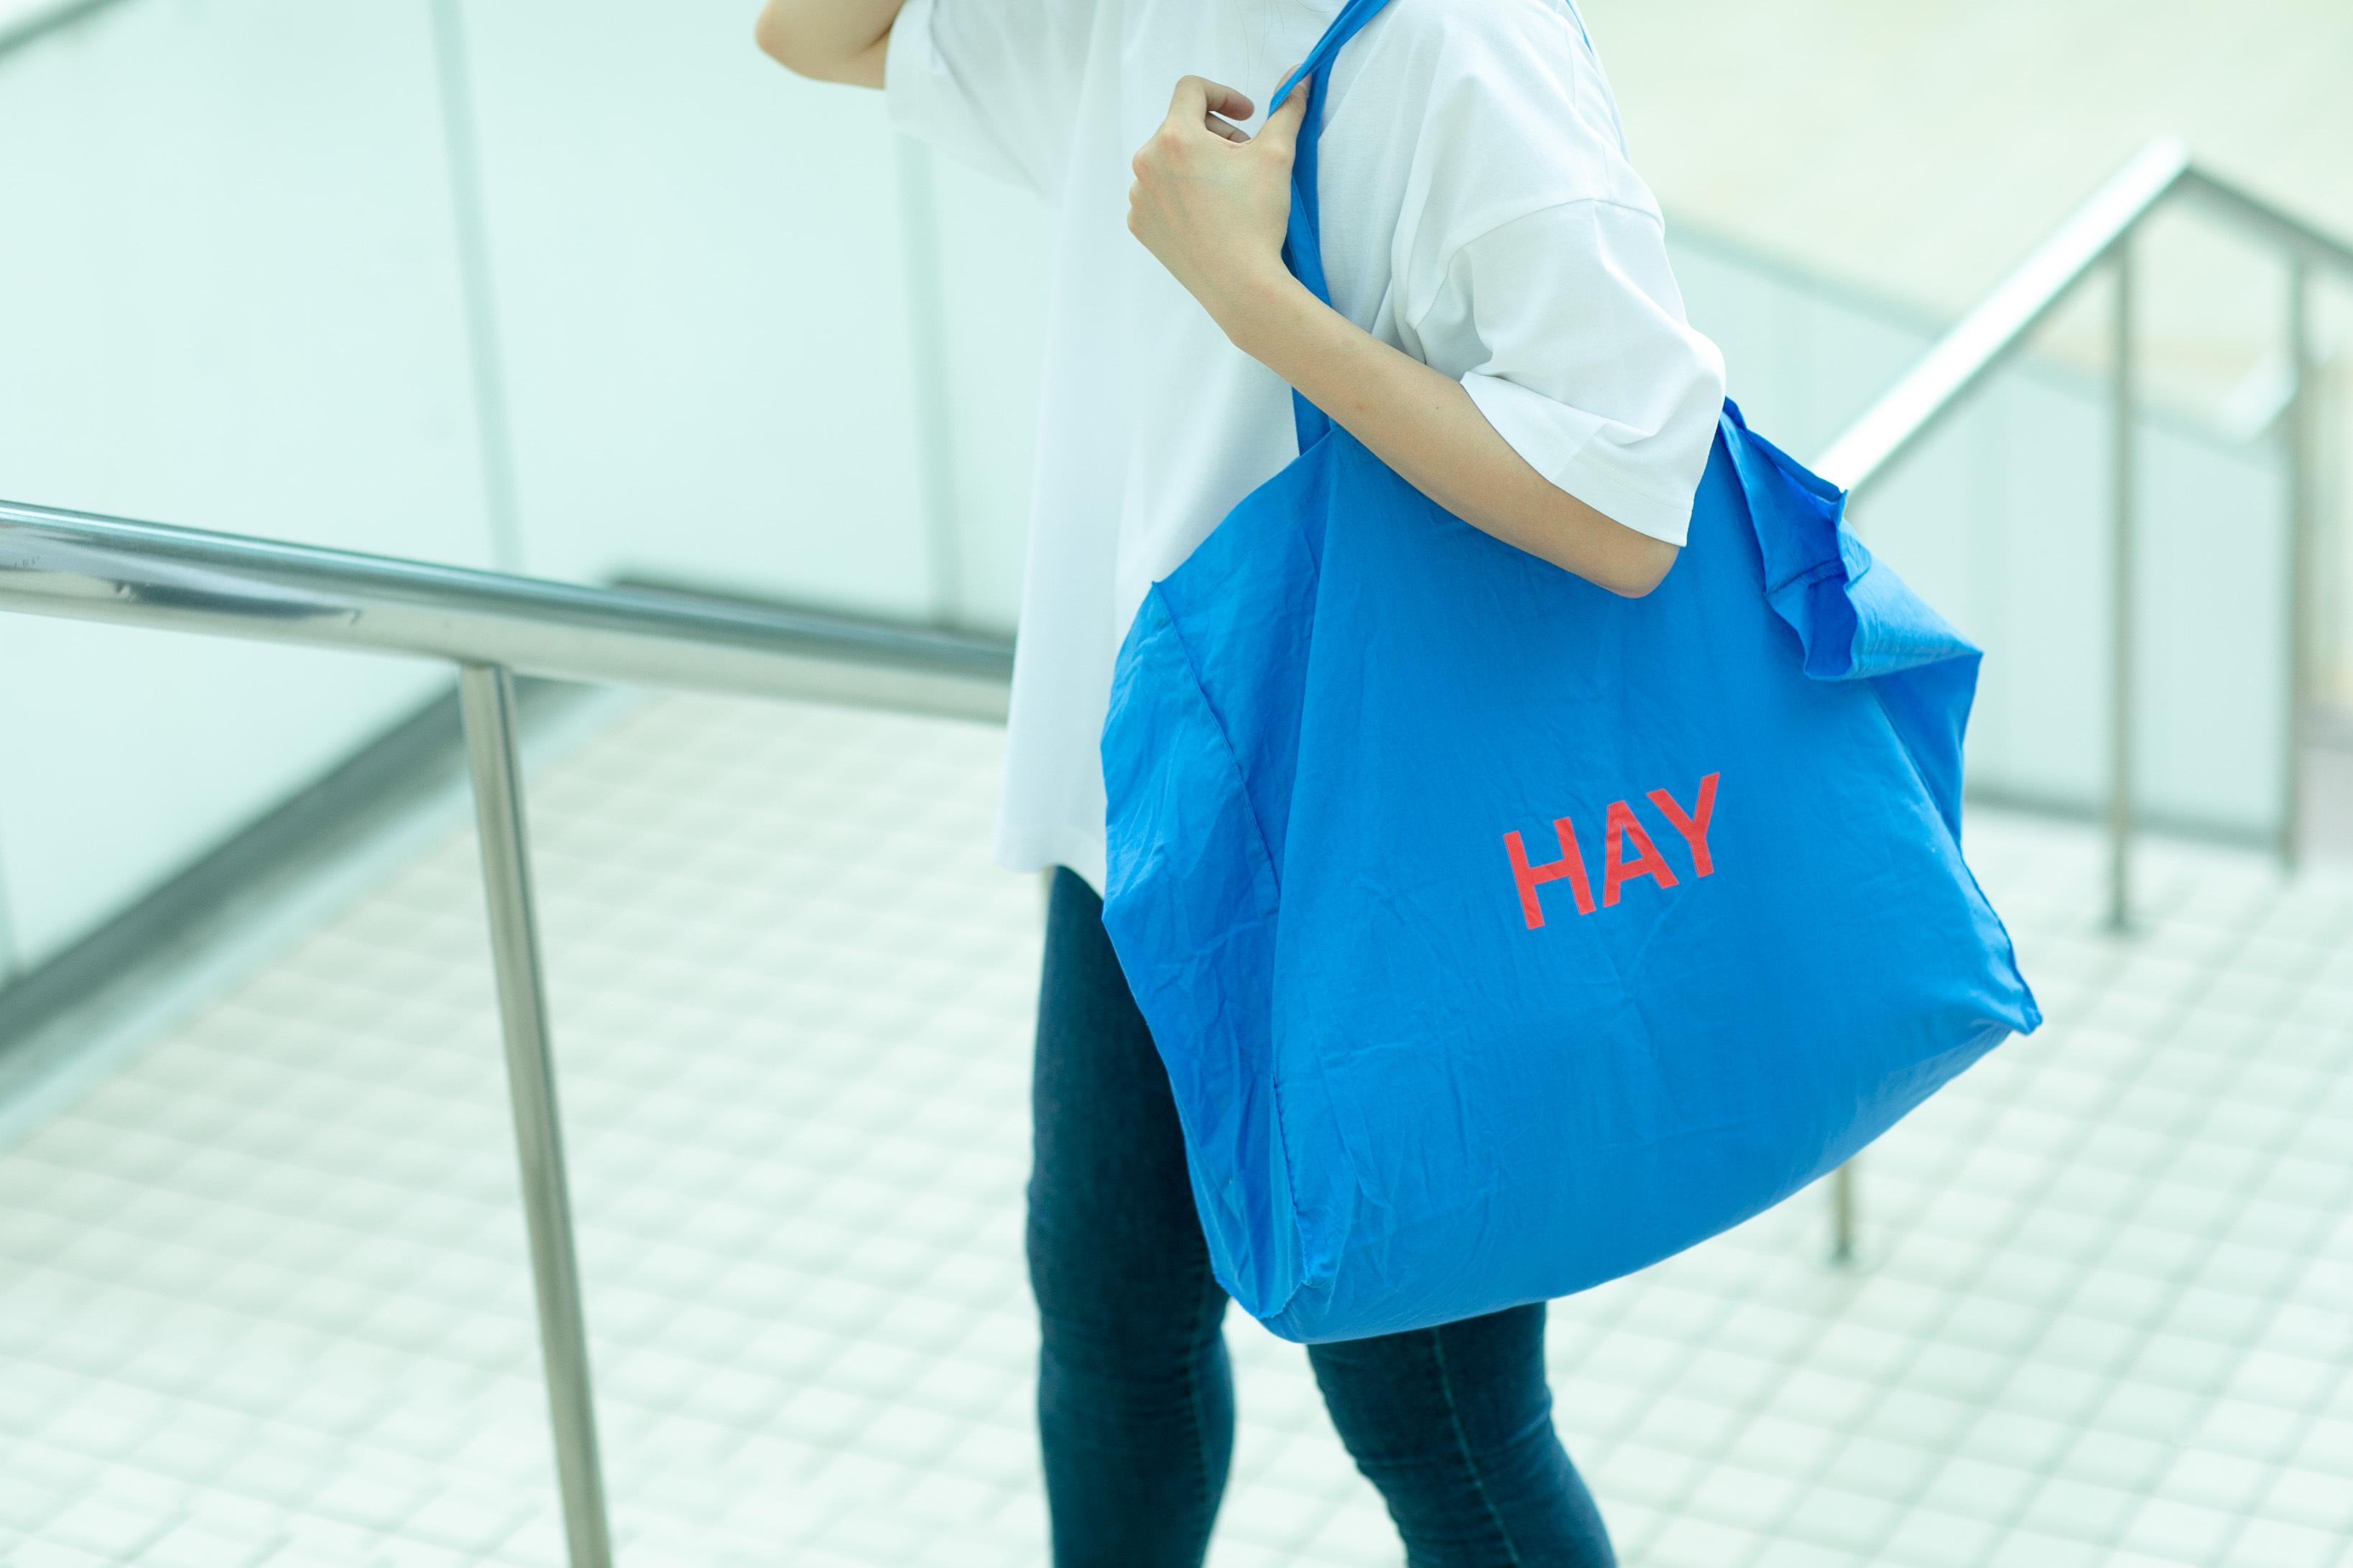 HAY / BLUE TOTE BAG (L)